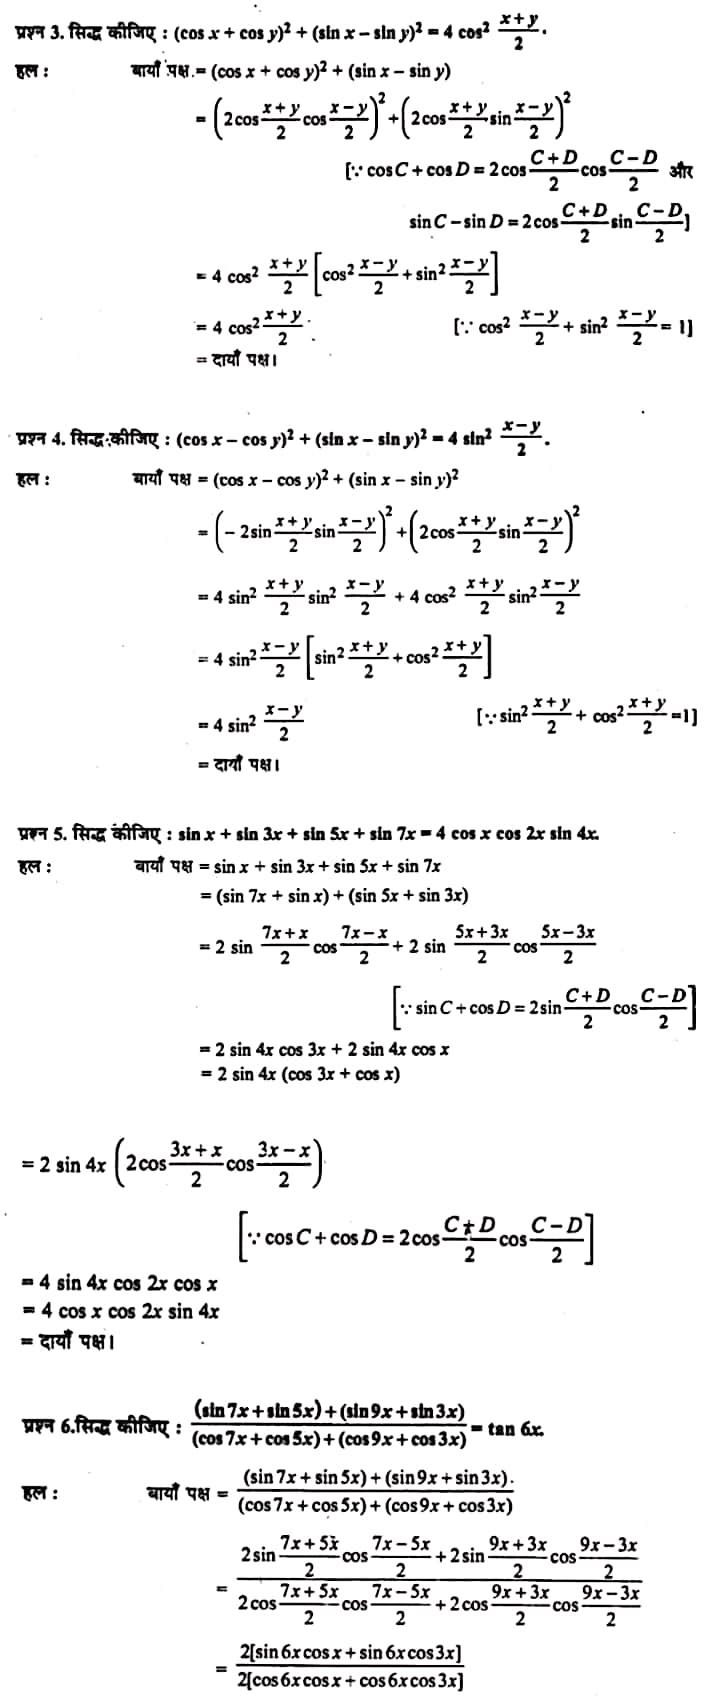 Trigonometric Functions,  trigonometric functions table,  trigonometric functions pdf,  trigonometric functions formulas,  trigonometric functions class 11, six trigonometric functions,  trigonometric functions examples,  inverse trigonometric functions,  trigonometric functions definition,   Class 11 matha Chapter 3,  class 11 matha chapter 3 ncert solutions in hindi,  class 11 matha chapter 3 notes in hindi,  class 11 matha chapter 3 question answer,  class 11 matha chapter 3 notes,  11 class matha chapter 3 in hindi,  class 11 matha chapter 3 in hindi,  class 11 matha chapter 3 important questions in hindi,  class 11 matha notes in hindi,   matha class 11 notes pdf,  matha Class 11 Notes 2021 NCERT,  matha Class 11 PDF,  matha book,  matha Quiz Class 11,  11th matha book up board,  up Board 11th matha Notes,  कक्षा 11 मैथ्स अध्याय 3,  कक्षा 11 मैथ्स का अध्याय 3 ncert solution in hindi,  कक्षा 11 मैथ्स के अध्याय 3 के नोट्स हिंदी में,  कक्षा 11 का मैथ्स अध्याय 3 का प्रश्न उत्तर,  कक्षा 11 मैथ्स अध्याय 3 के नोट्स,  11 कक्षा मैथ्स अध्याय 3 हिंदी में,  कक्षा 11 मैथ्स अध्याय 3 हिंदी में,  कक्षा 11 मैथ्स अध्याय 3 महत्वपूर्ण प्रश्न हिंदी में,  कक्षा 11 के मैथ्स के नोट्स हिंदी में,  मैथ्स कक्षा 11 नोट्स pdf,  मैथ्स कक्षा 11 नोट्स 2021 NCERT,  मैथ्स कक्षा 11 PDF,  मैथ्स पुस्तक,  मैथ्स की बुक,  मैथ्स प्रश्नोत्तरी Class 11, 11 वीं मैथ्स पुस्तक up board,  बिहार बोर्ड 11 वीं मैथ्स नोट्स,